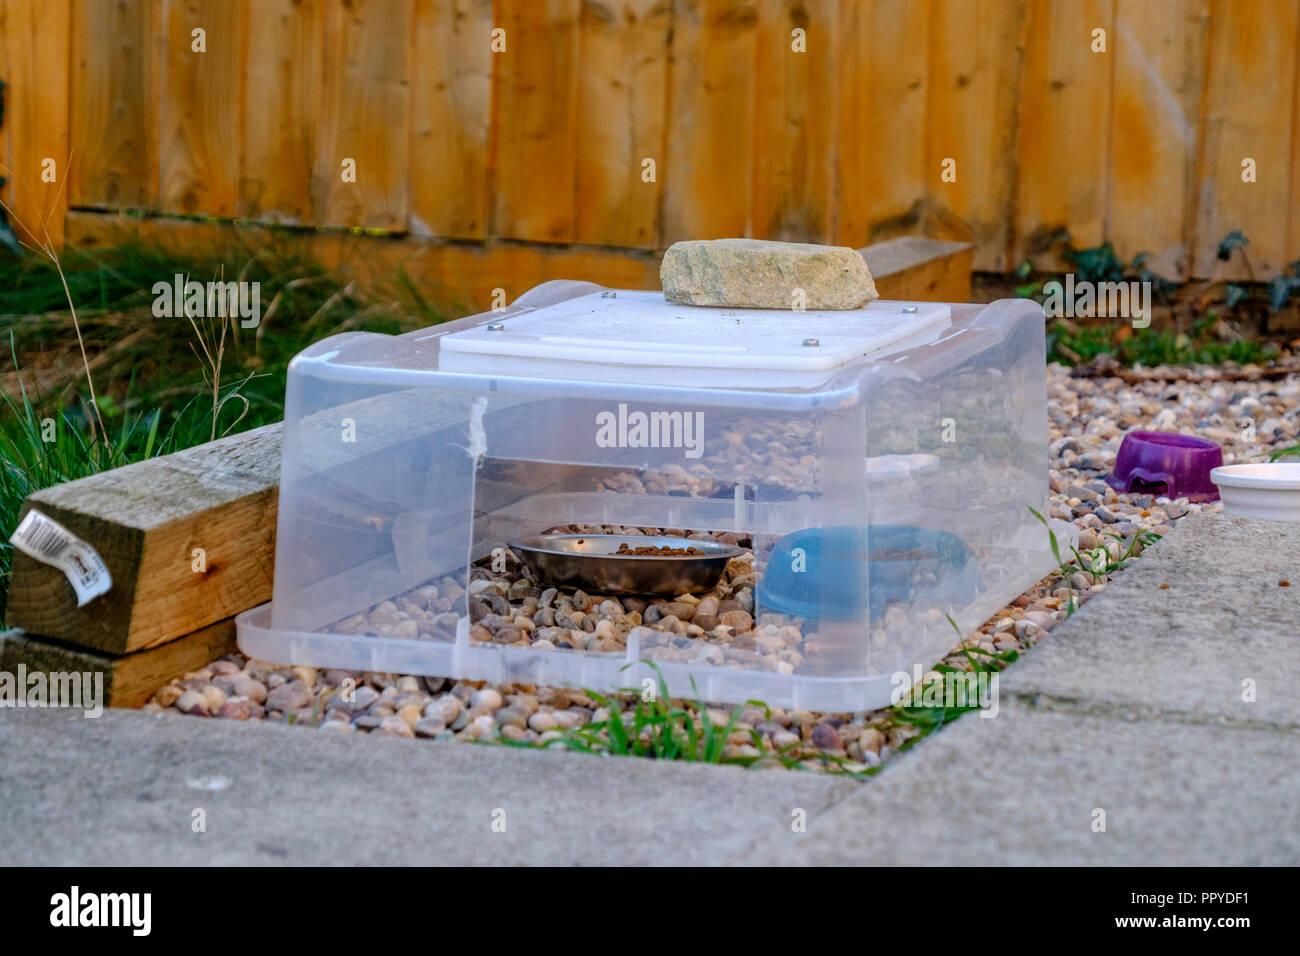 Ein Garten Igel Beschickungsstation Stockfoto Bild 220650165 Alamy